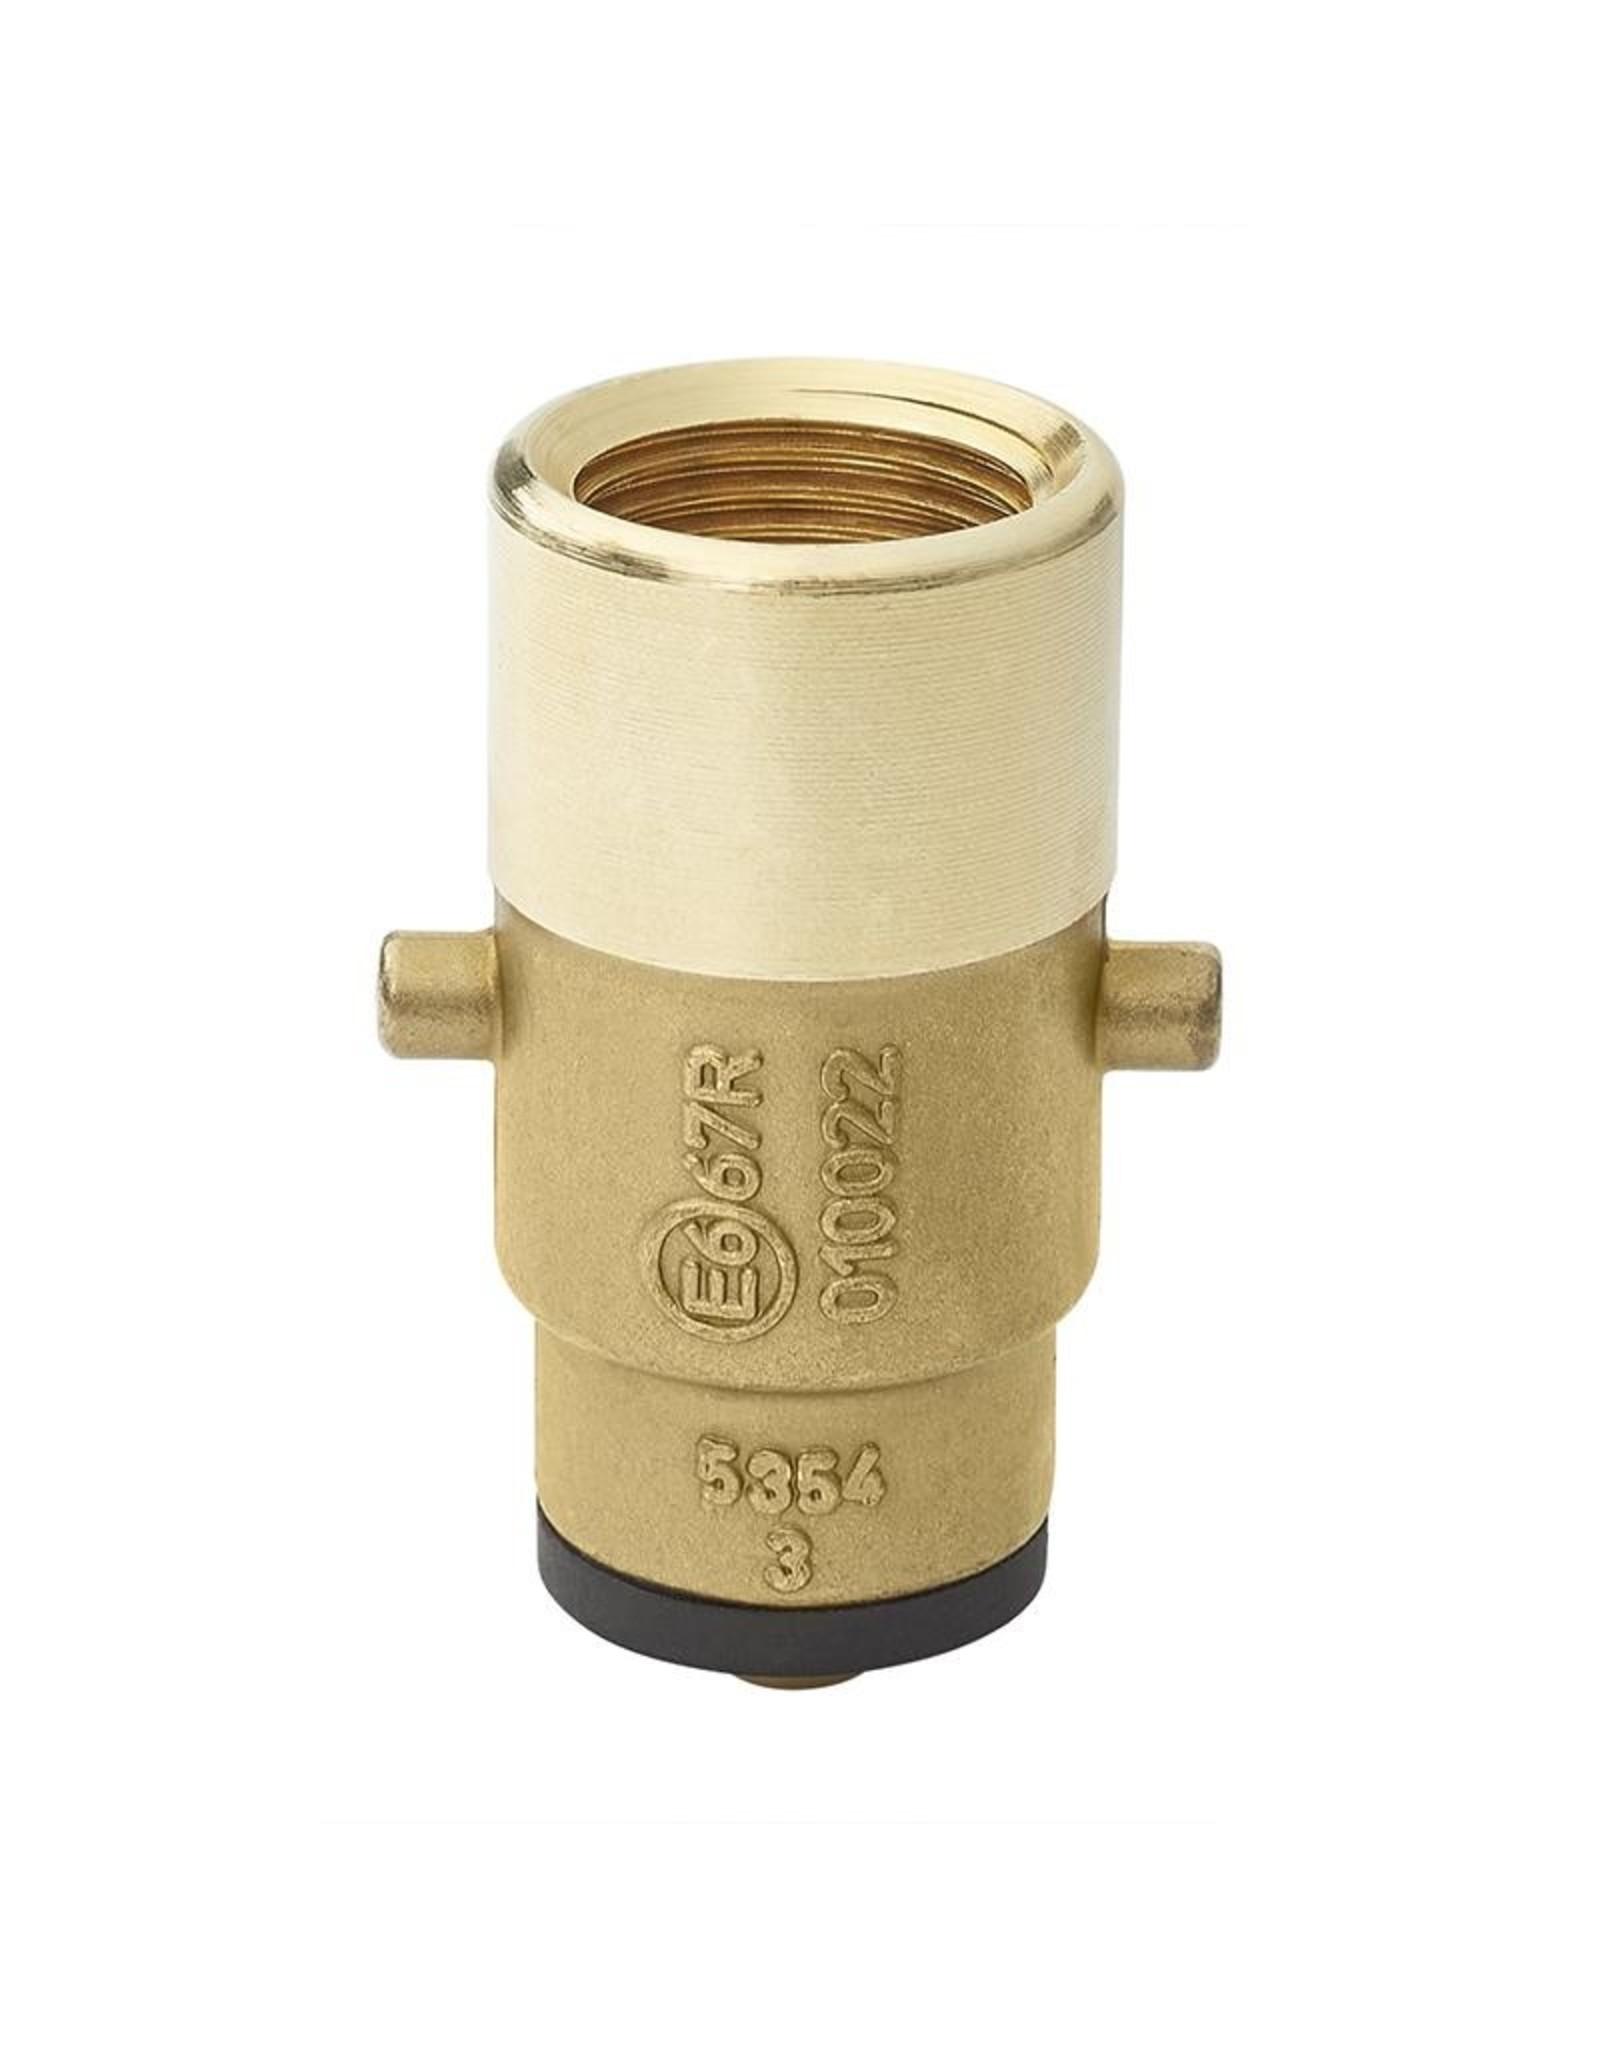 LPG nippel Nederland bajonet 10mm